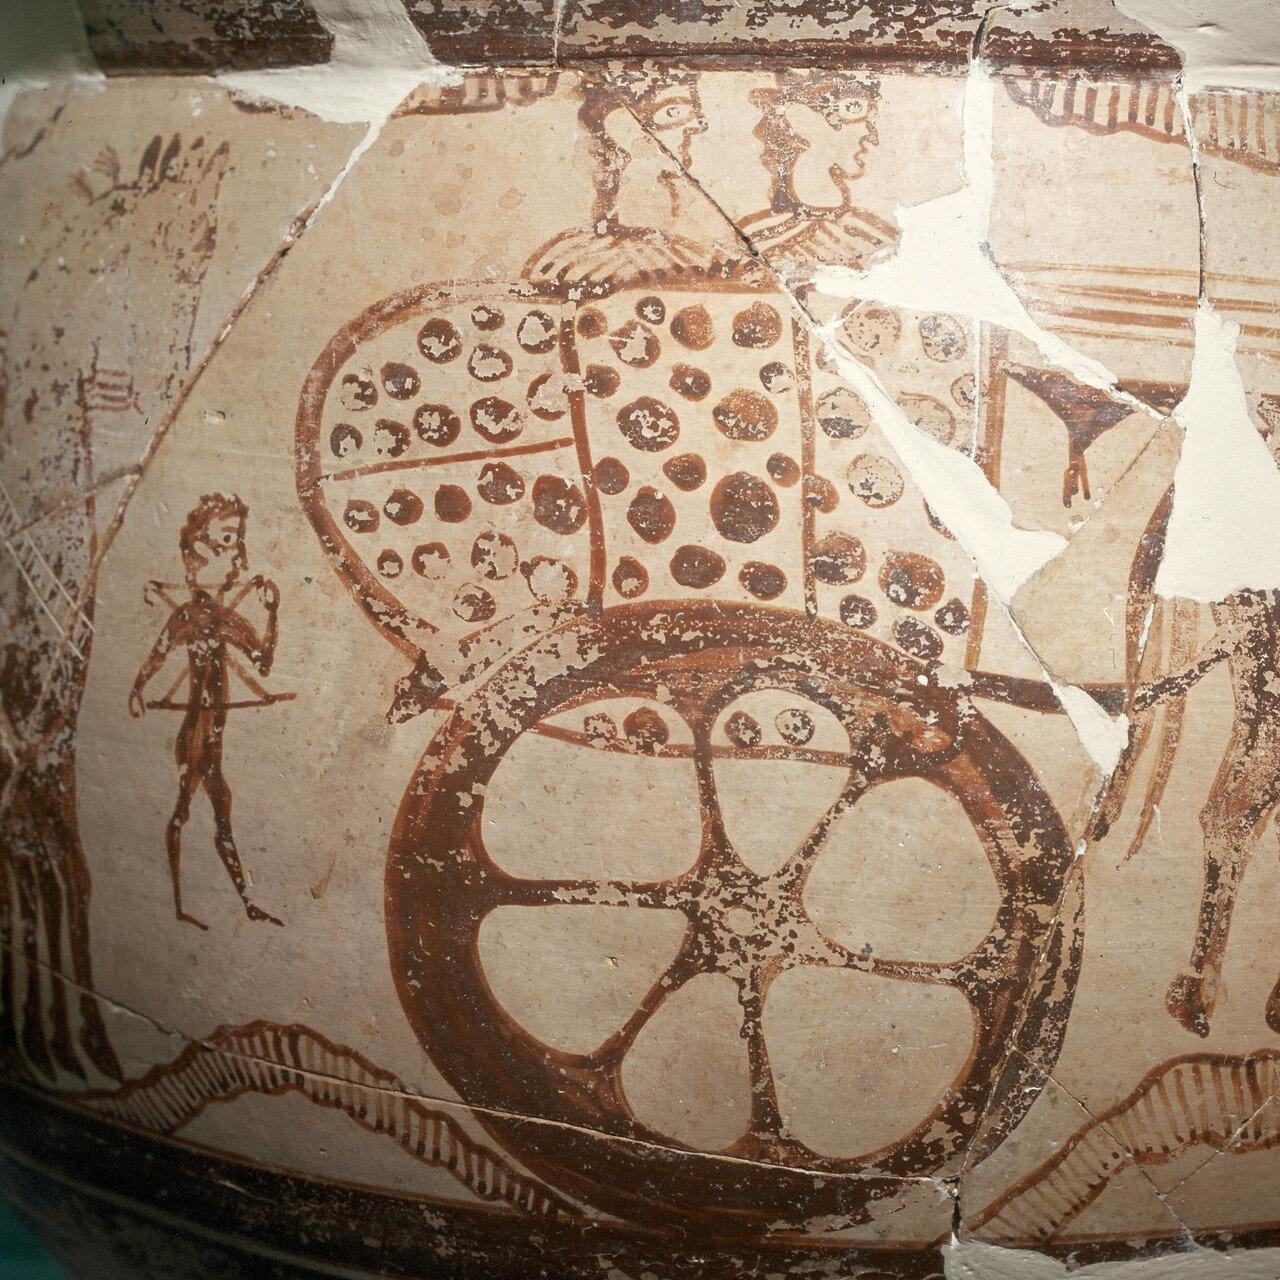 Микенский кратер из Пелиона, начало XIV в. до н.э. В традиционном критском дворцовом стиле